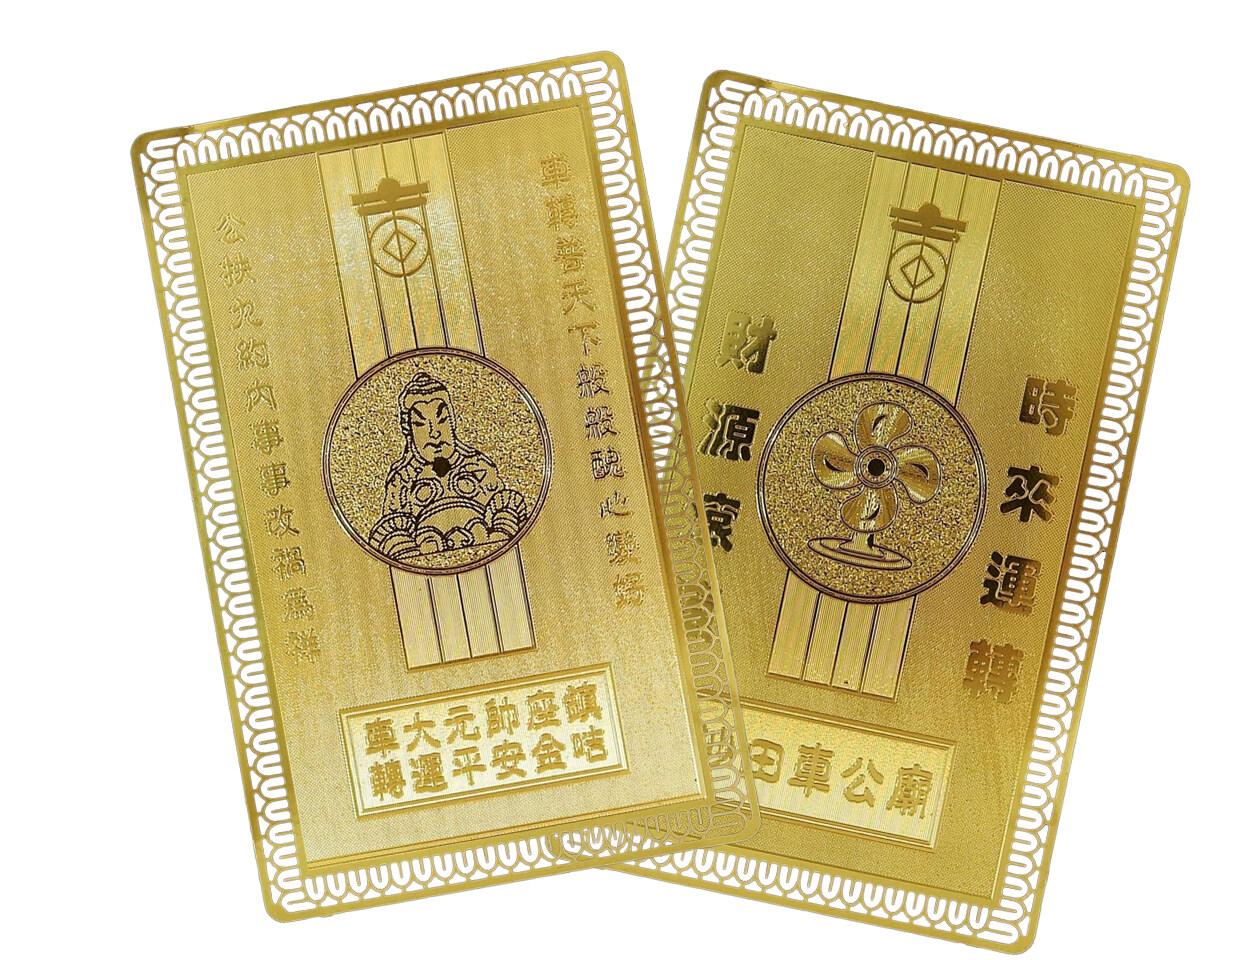 แผ่นทองแชกงหมิว วัดแชกงหมิวฮ่องกง แท้ 100% แผ่นทองเรียกทรัพย์ ค้าขายร่ำรวย ดูดเงินเข้ากระเป๋า เงินทองไหลมาเทมา ค้าขายดี